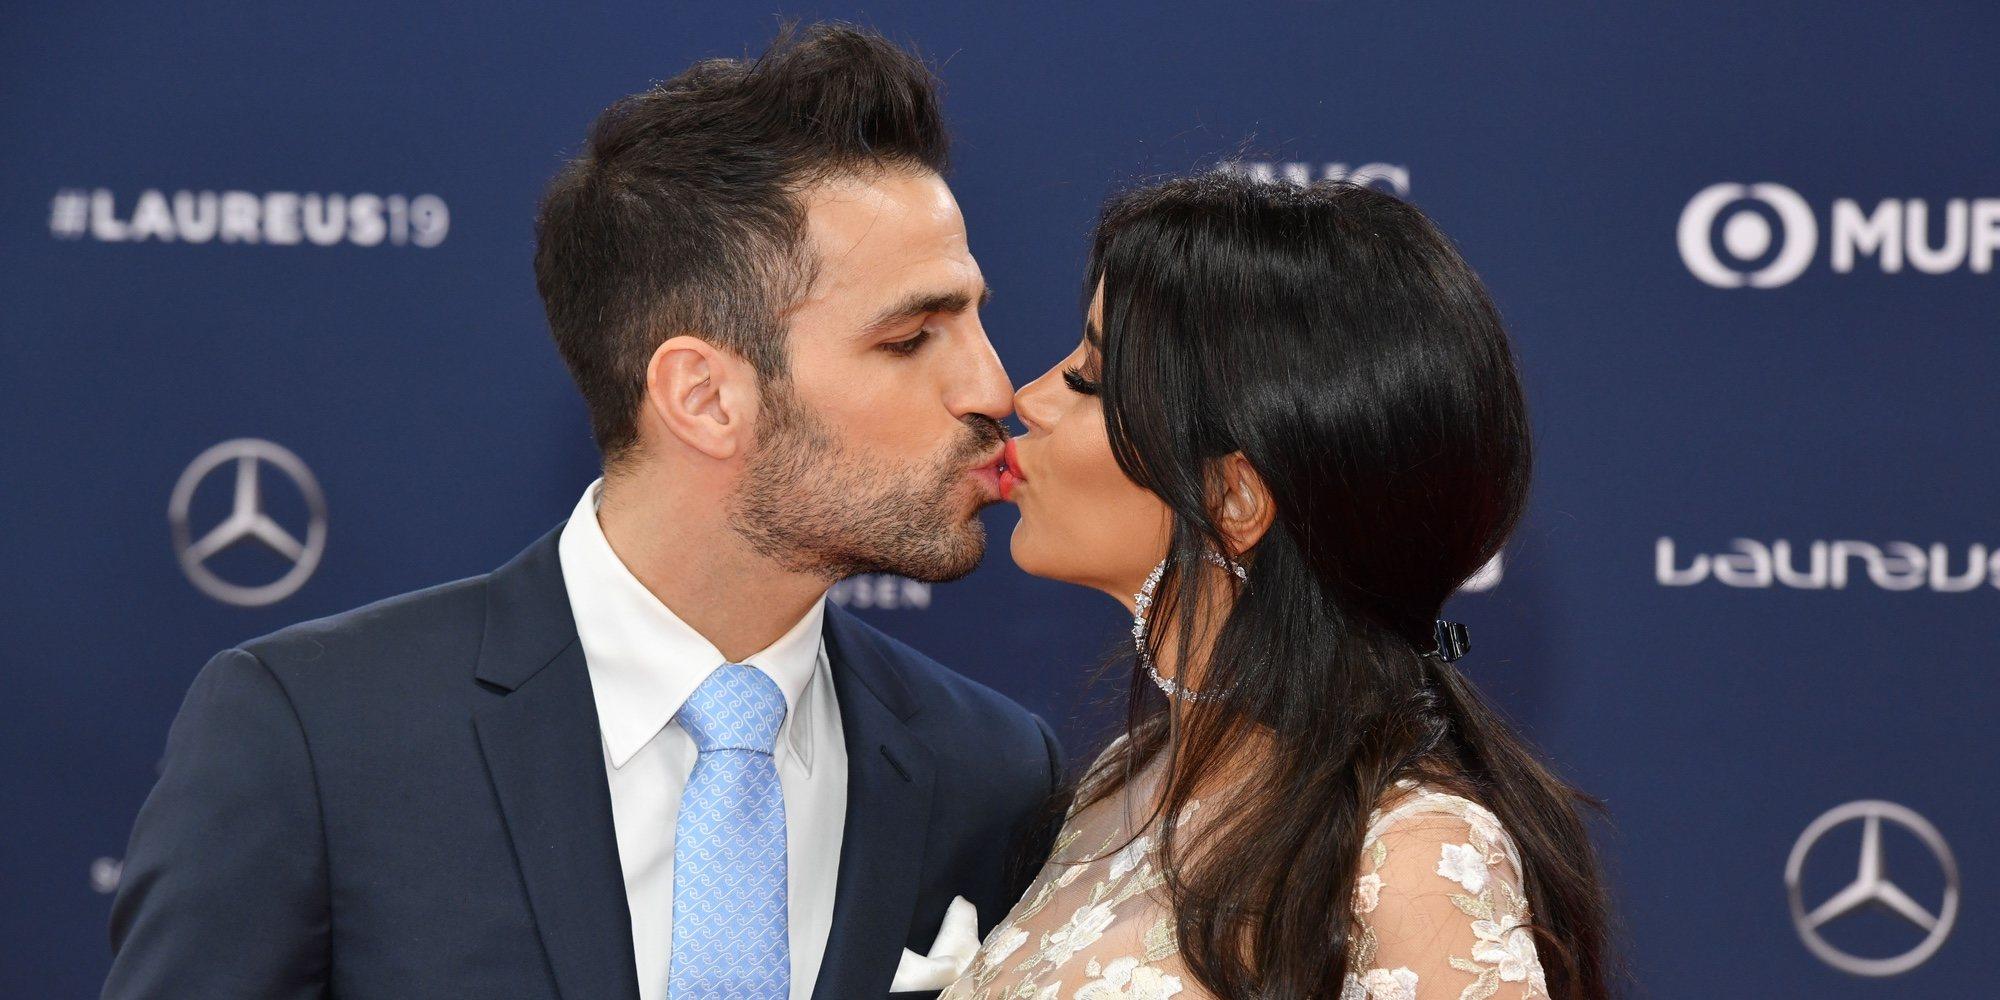 Daniella Semaan, Cesc Fàbregas y otras parejas que se pusieron románticas en los Premios Laureus 2019